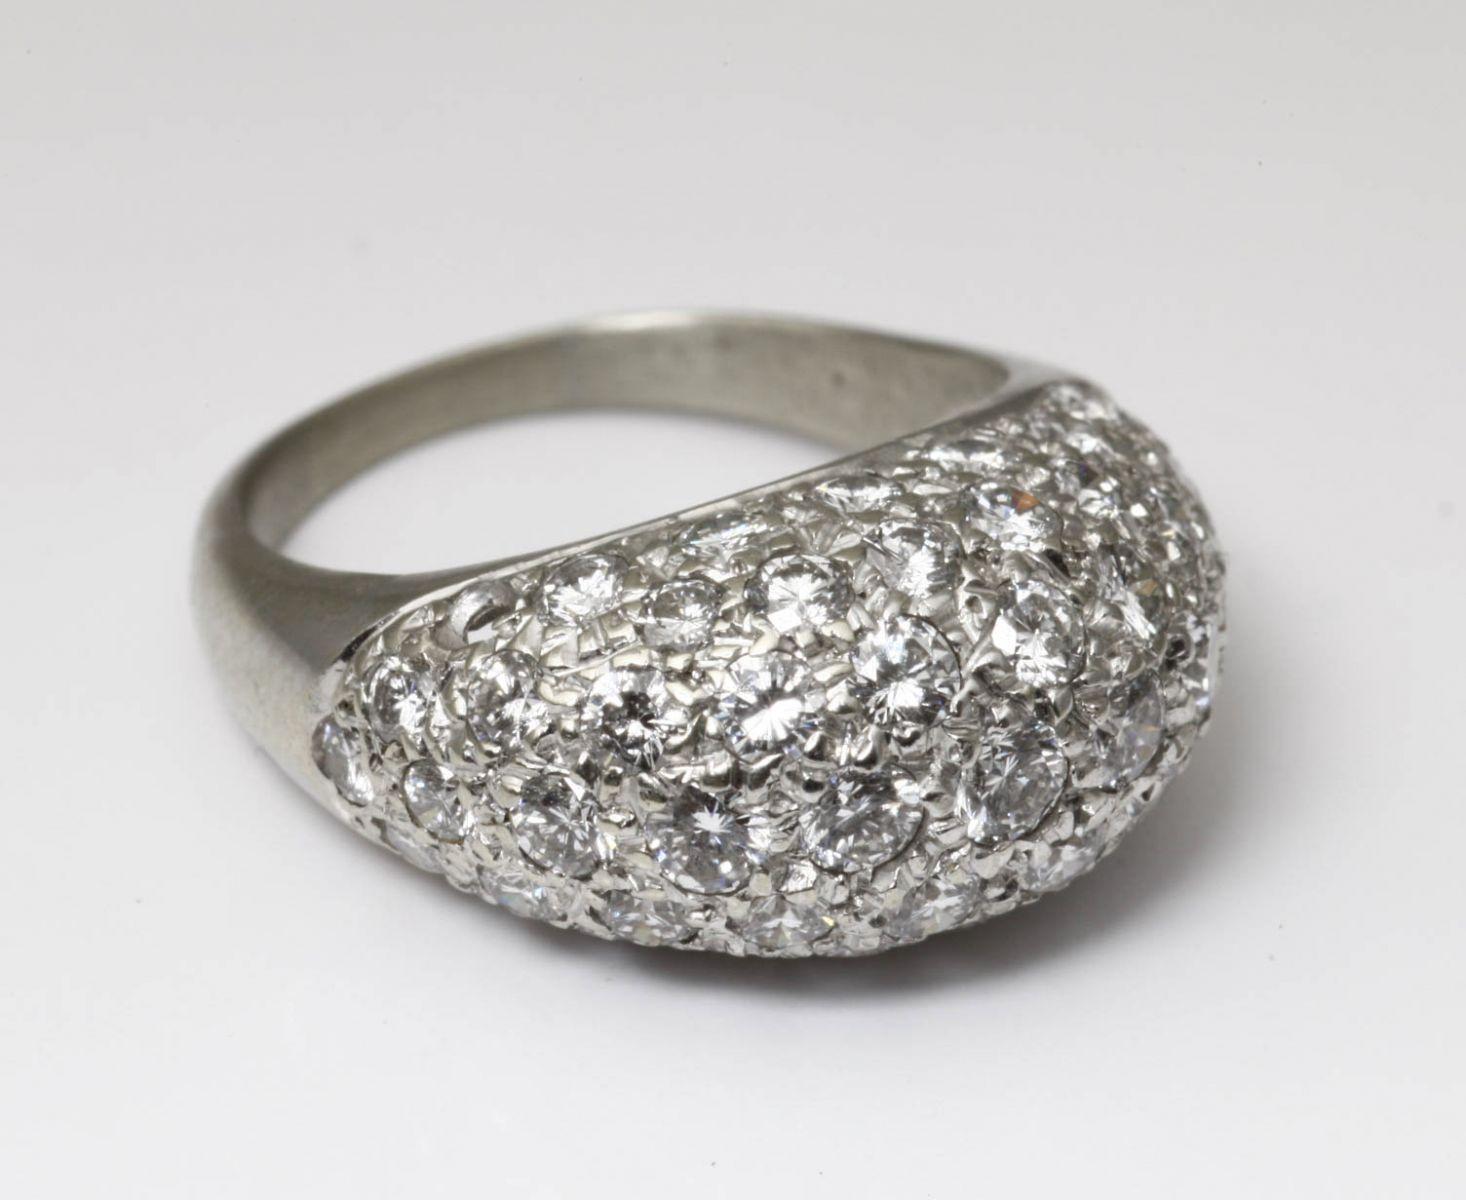 アンティークジュエリー アールデコ ボンブリング ダイヤモンド